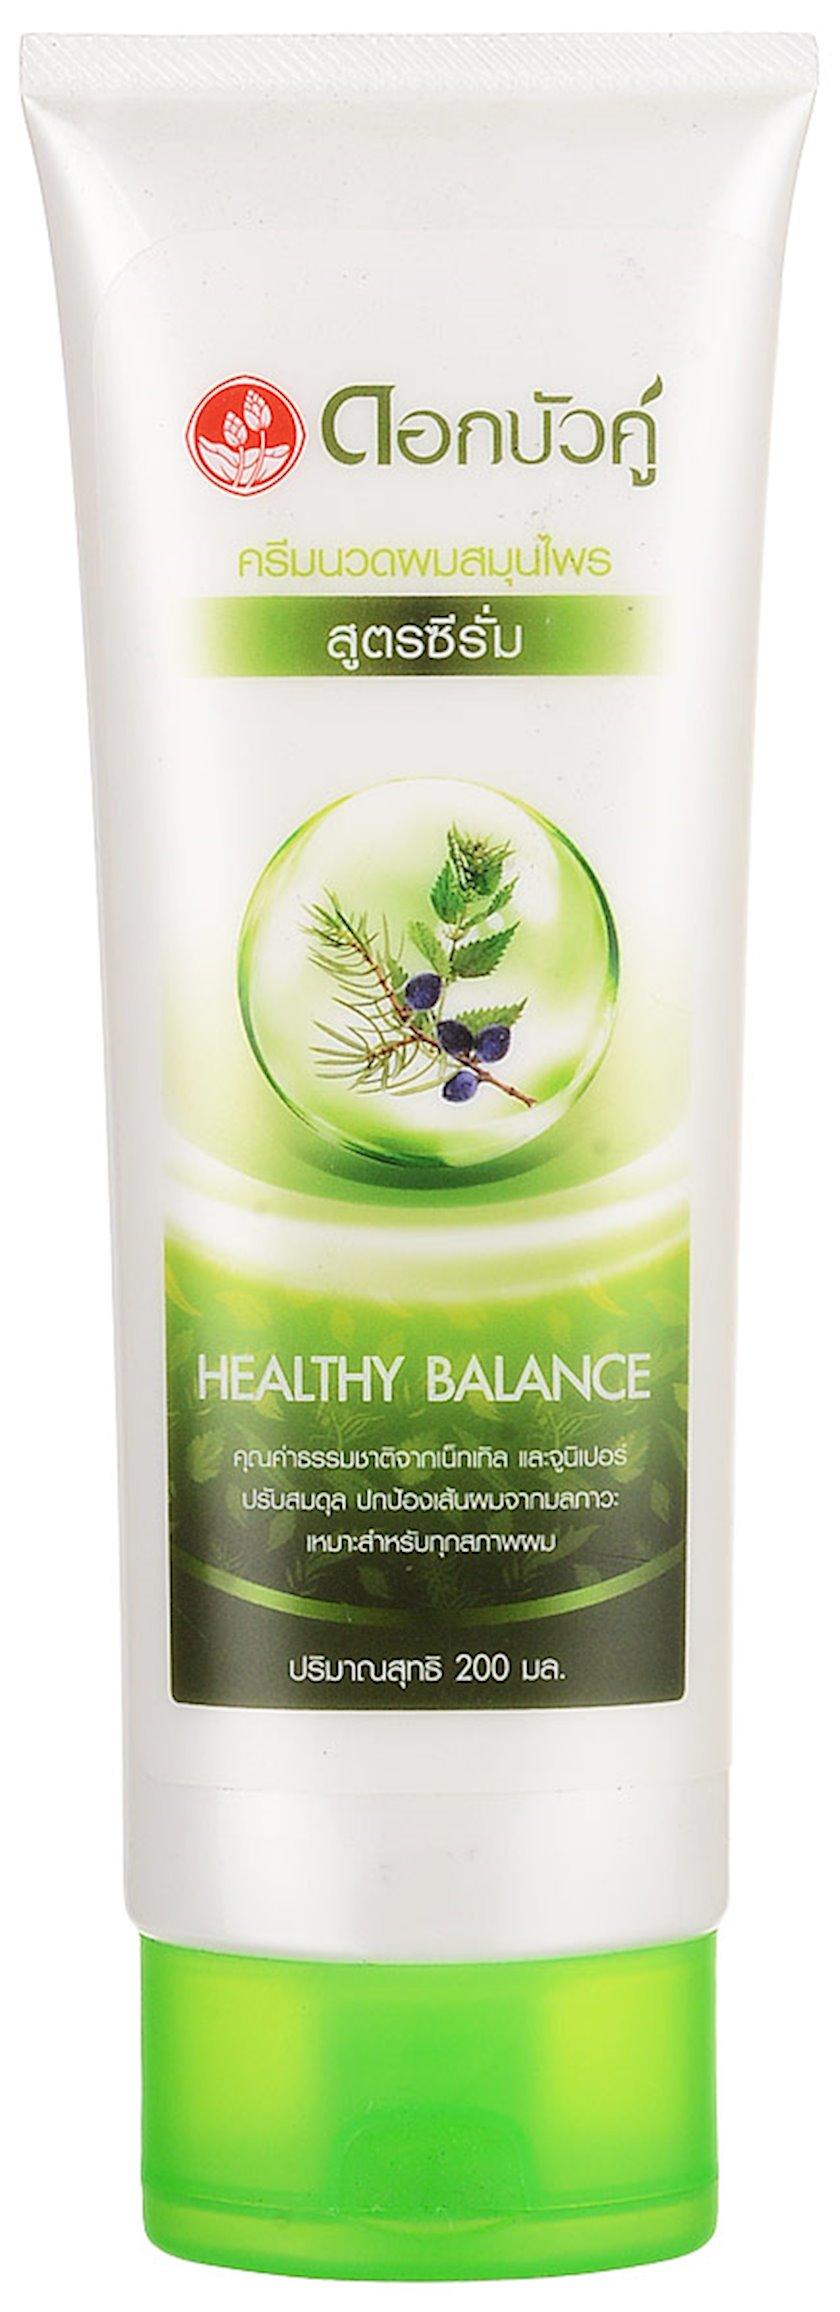 Kondisioner Twin Lotus Herbal serumlu 200 ml